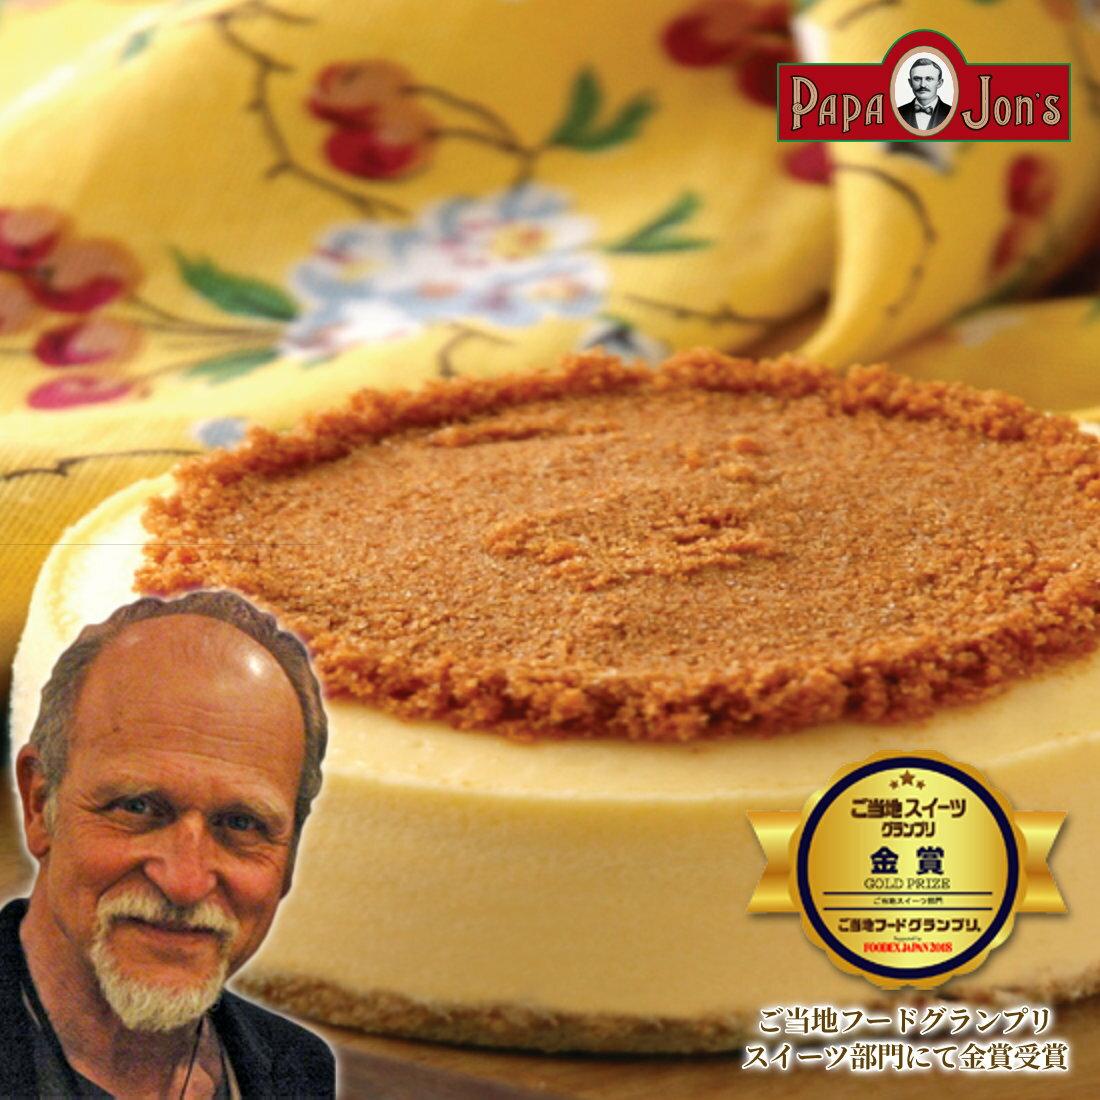 ニューヨークチーズケーキ400g(レギュラーサイズ)誕生日・ホールケーキ・5号・イベント・お取り寄せ